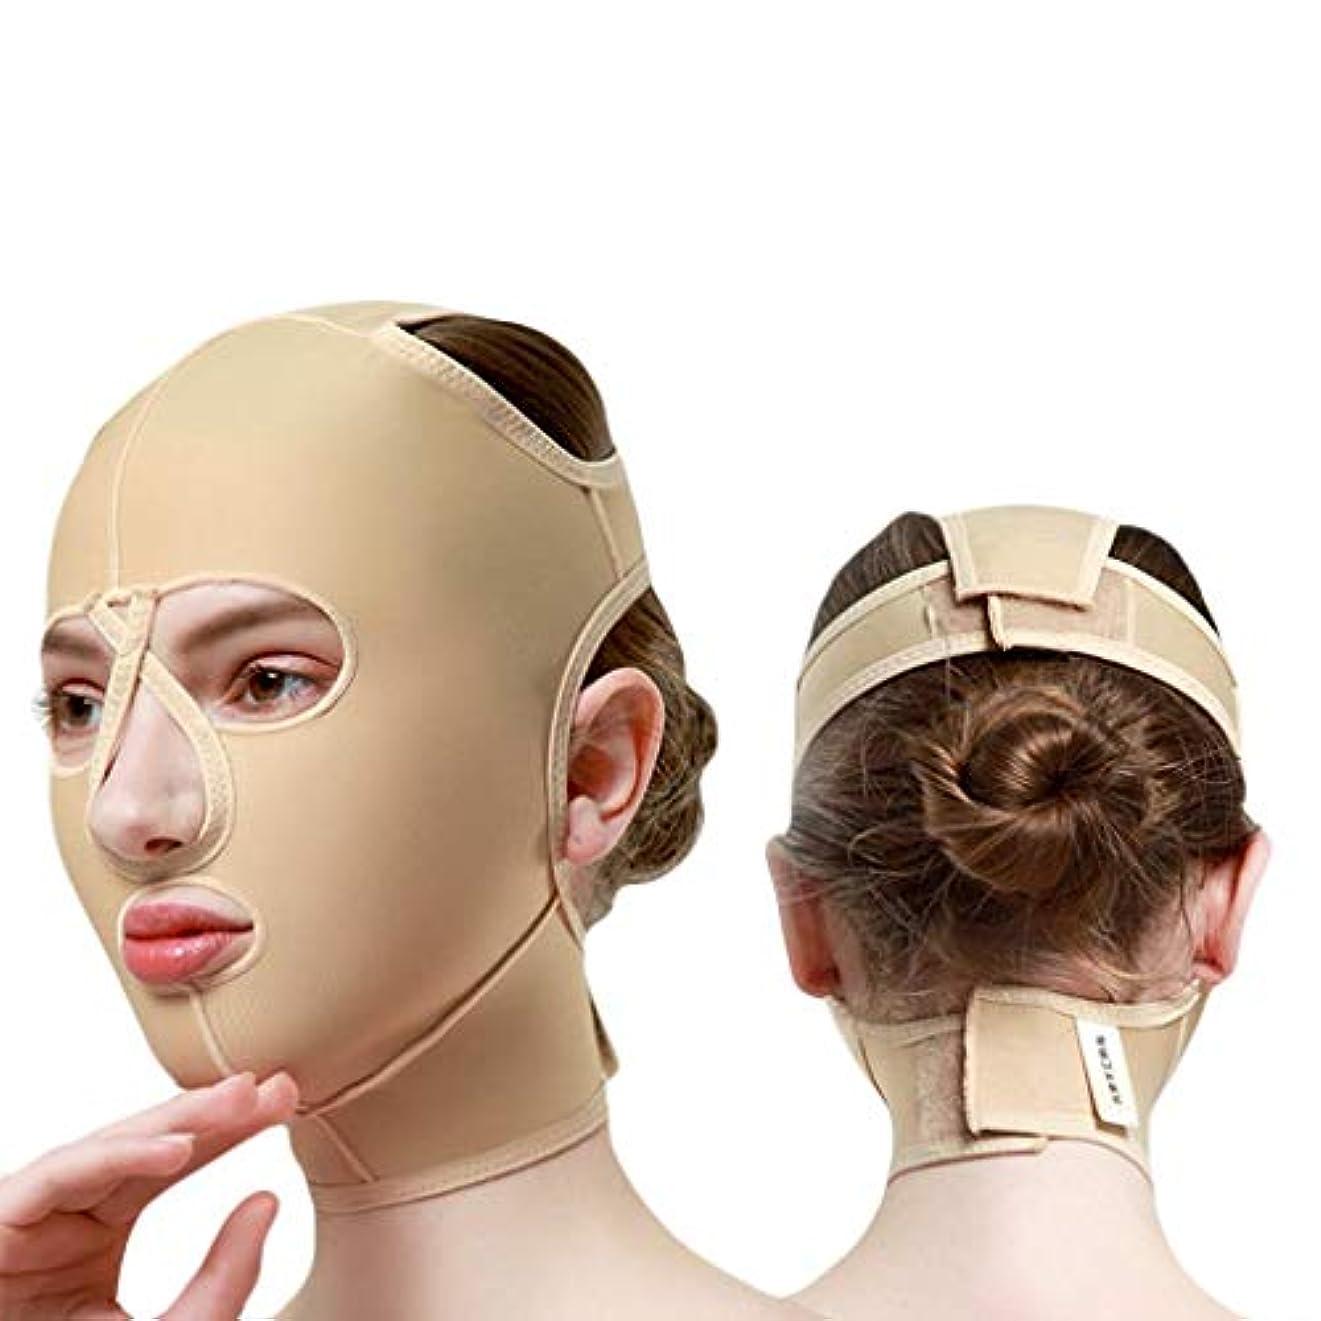 不完全なプラスチック新年チンストラップ、顔彫りツール、リフティングマスク、ダブルチンリデューサー、フェイスリフティングエラスティックマスクメス(サイズ:M),XL